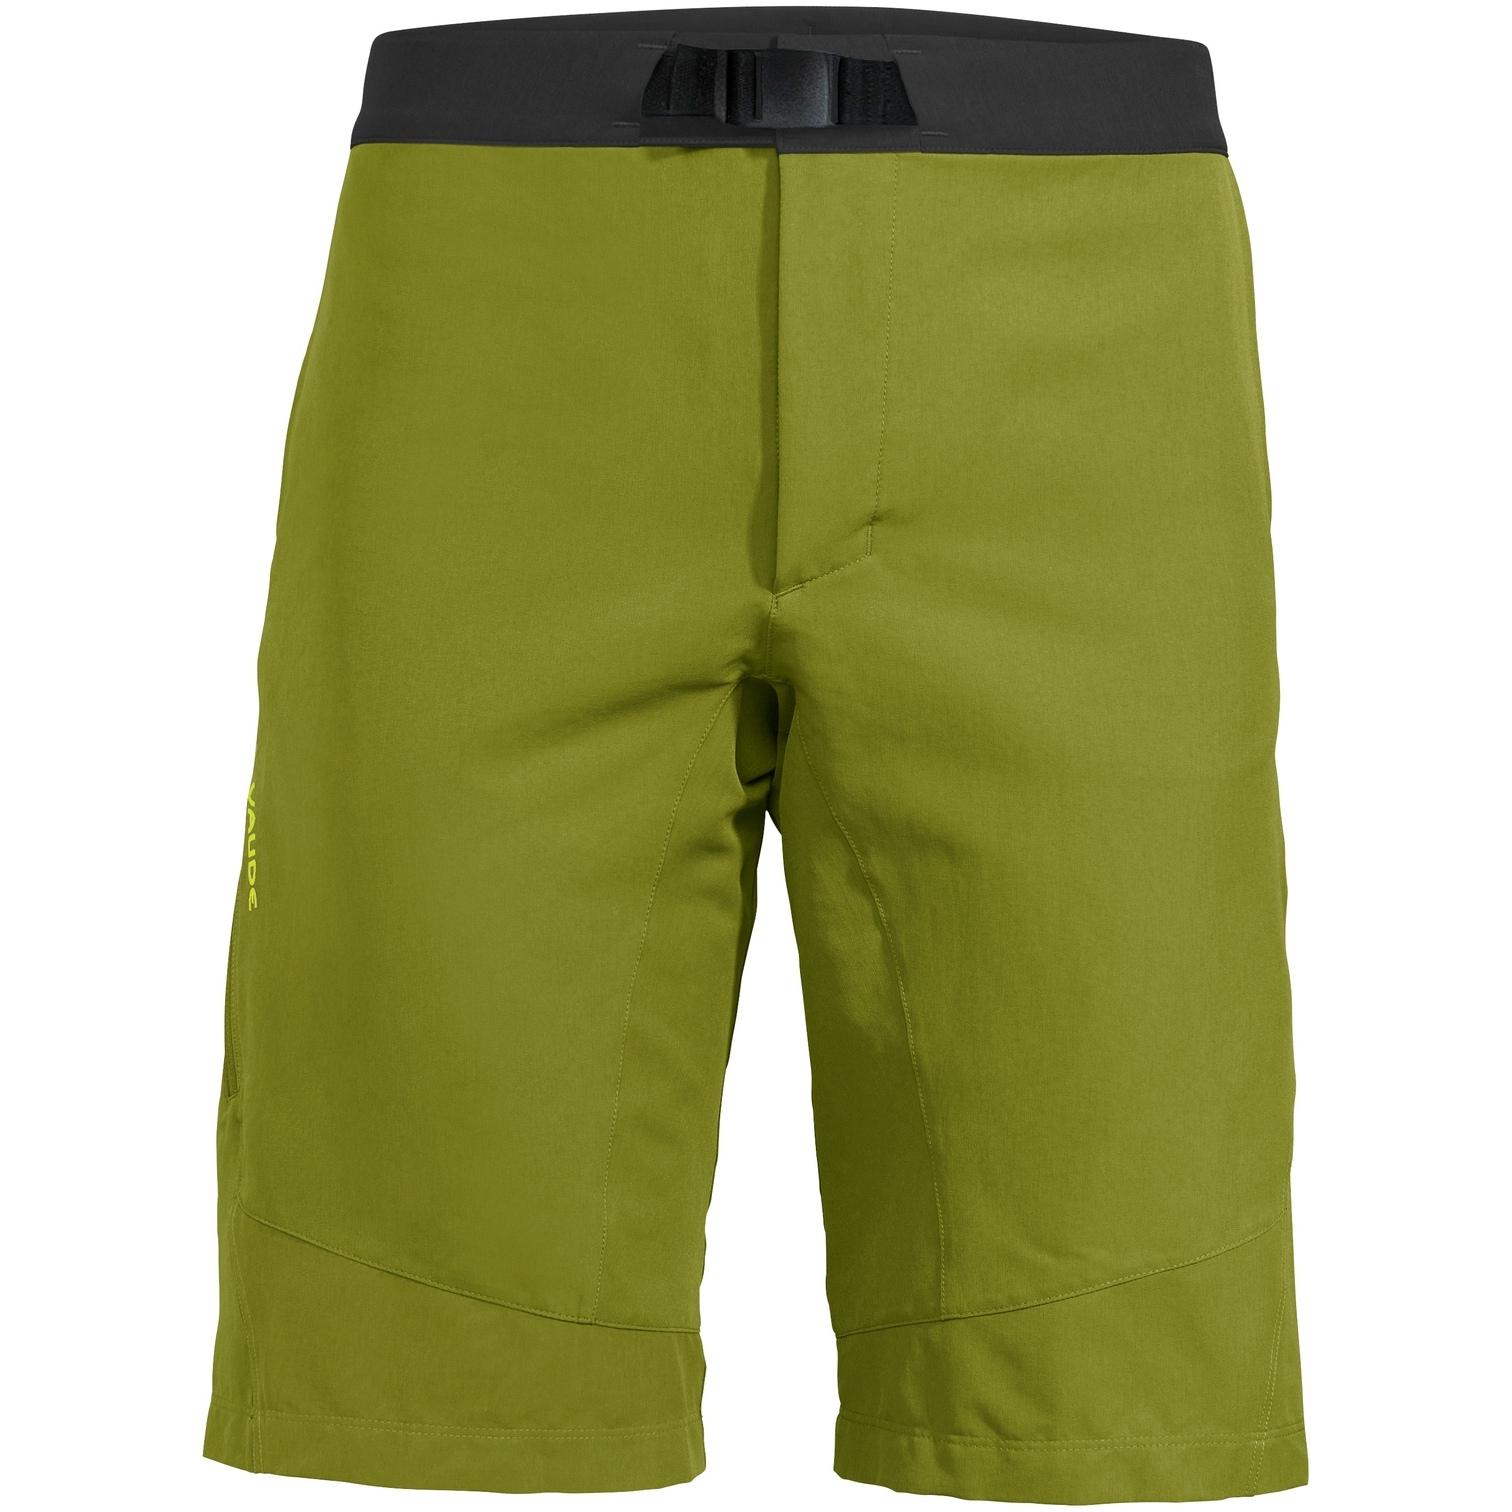 Vaude Men's Tekoa Shorts II - avocado